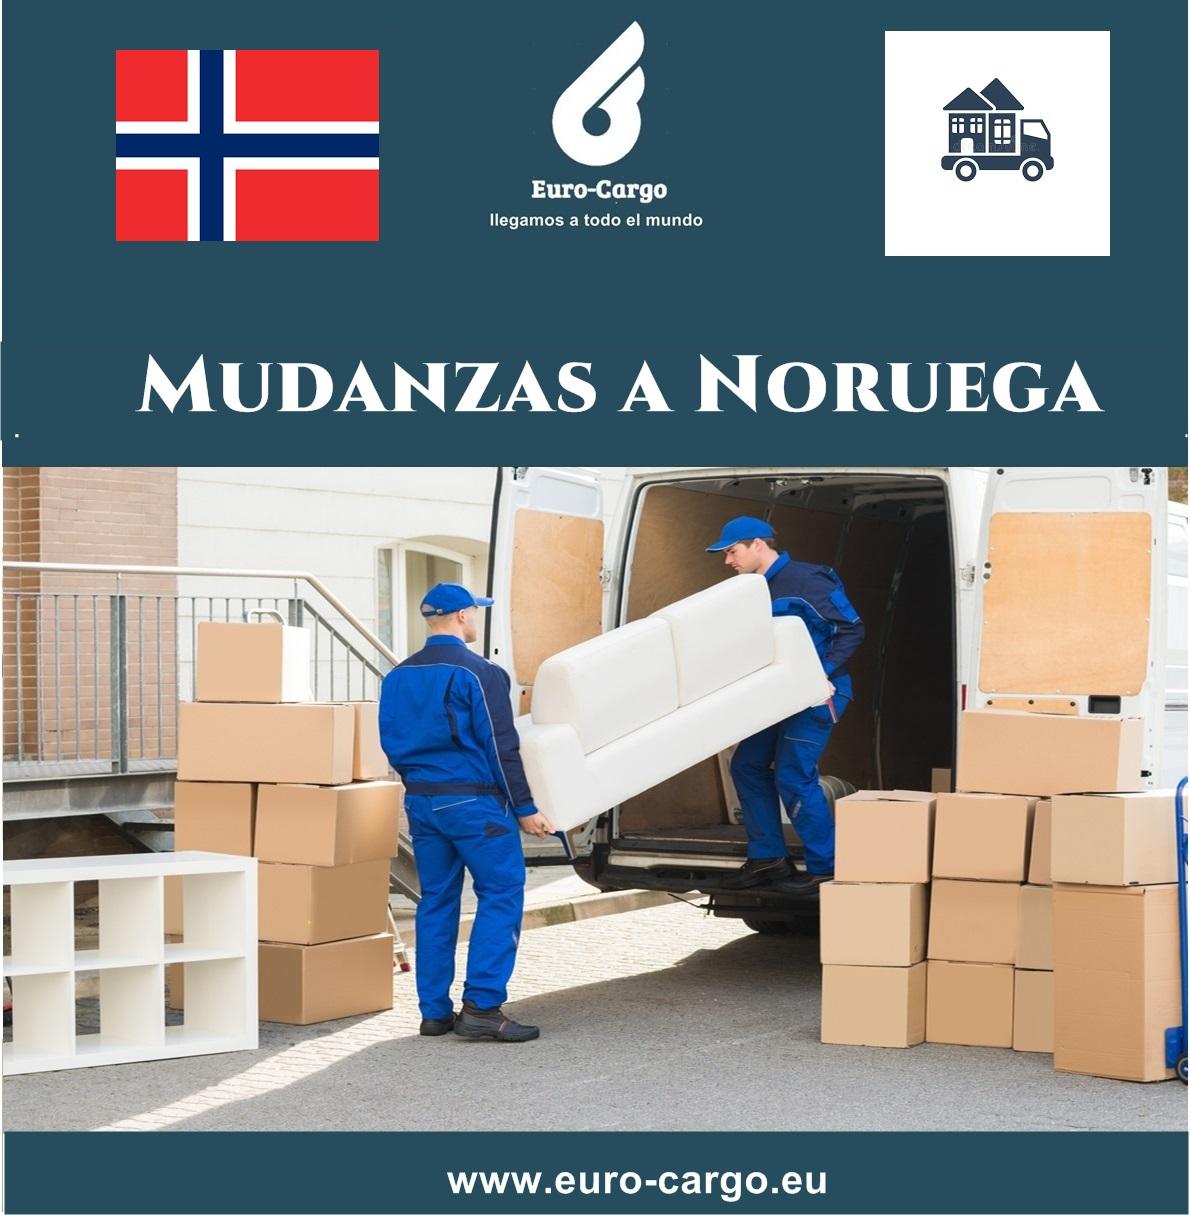 Mudanzas-a-Noruega-1.jpg